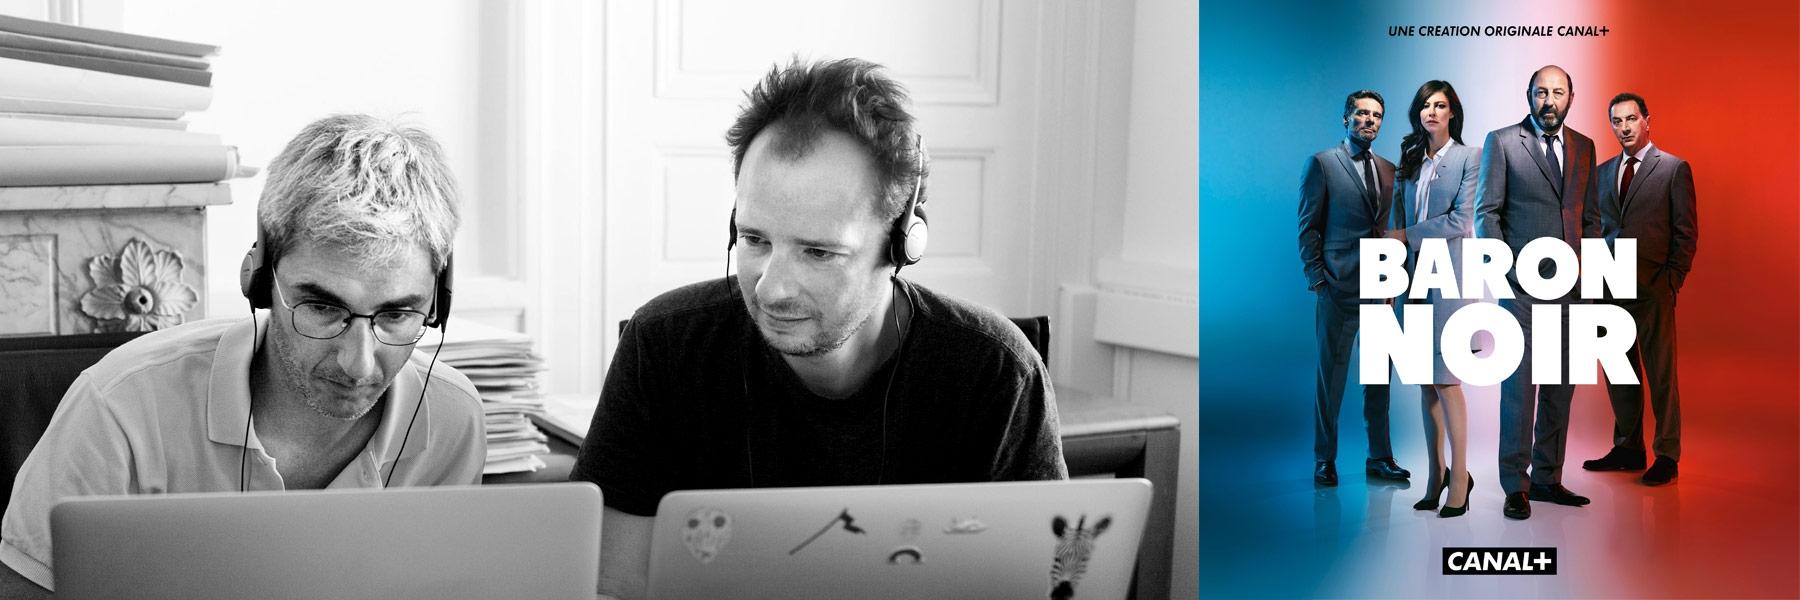 Les Scénaristes Eric Benzekri et Jean-Baptiste Delafon de la série Baron Noir